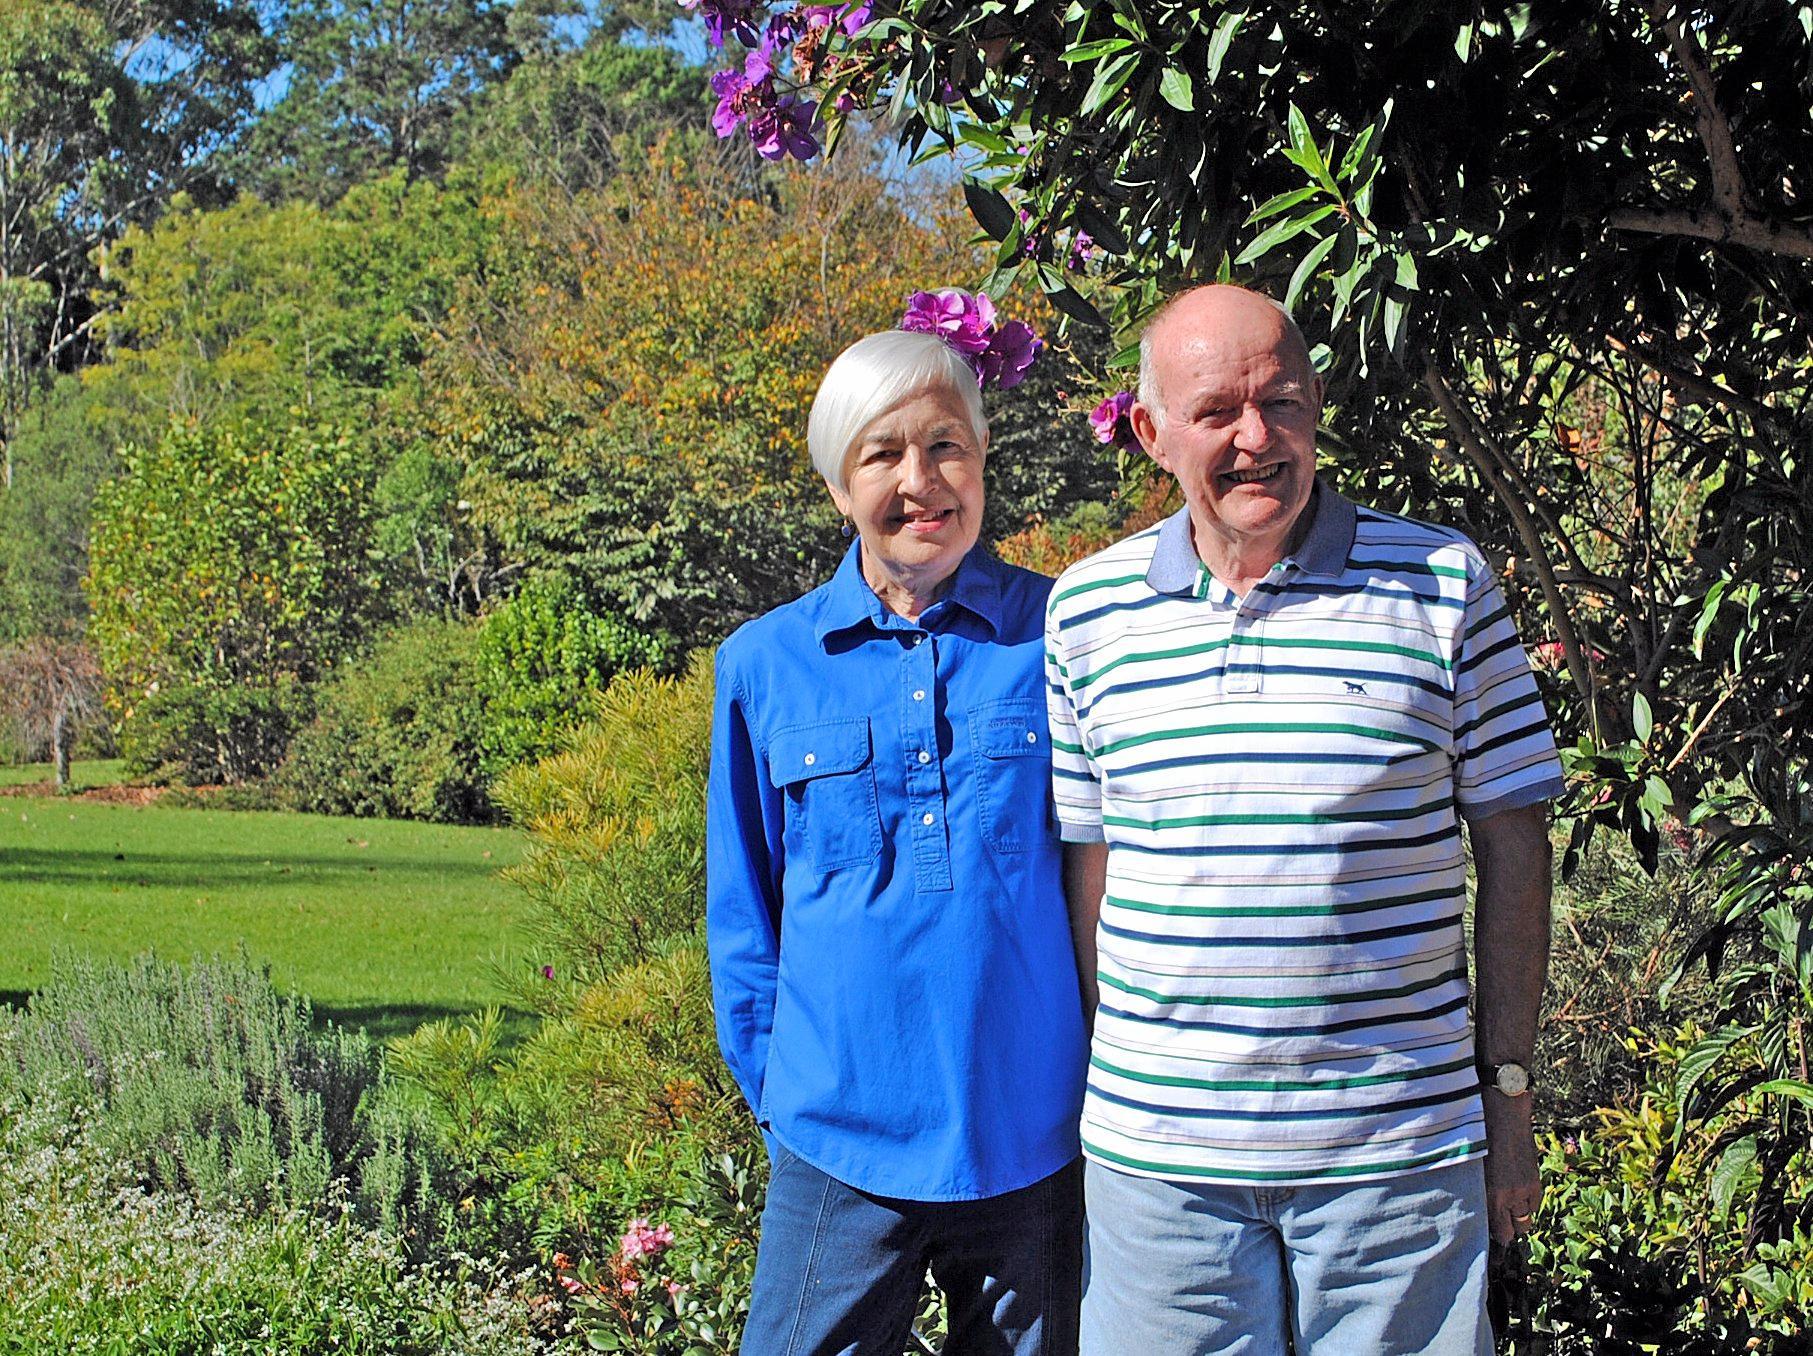 VISIT VISTA: Frances and David Cowper will present.